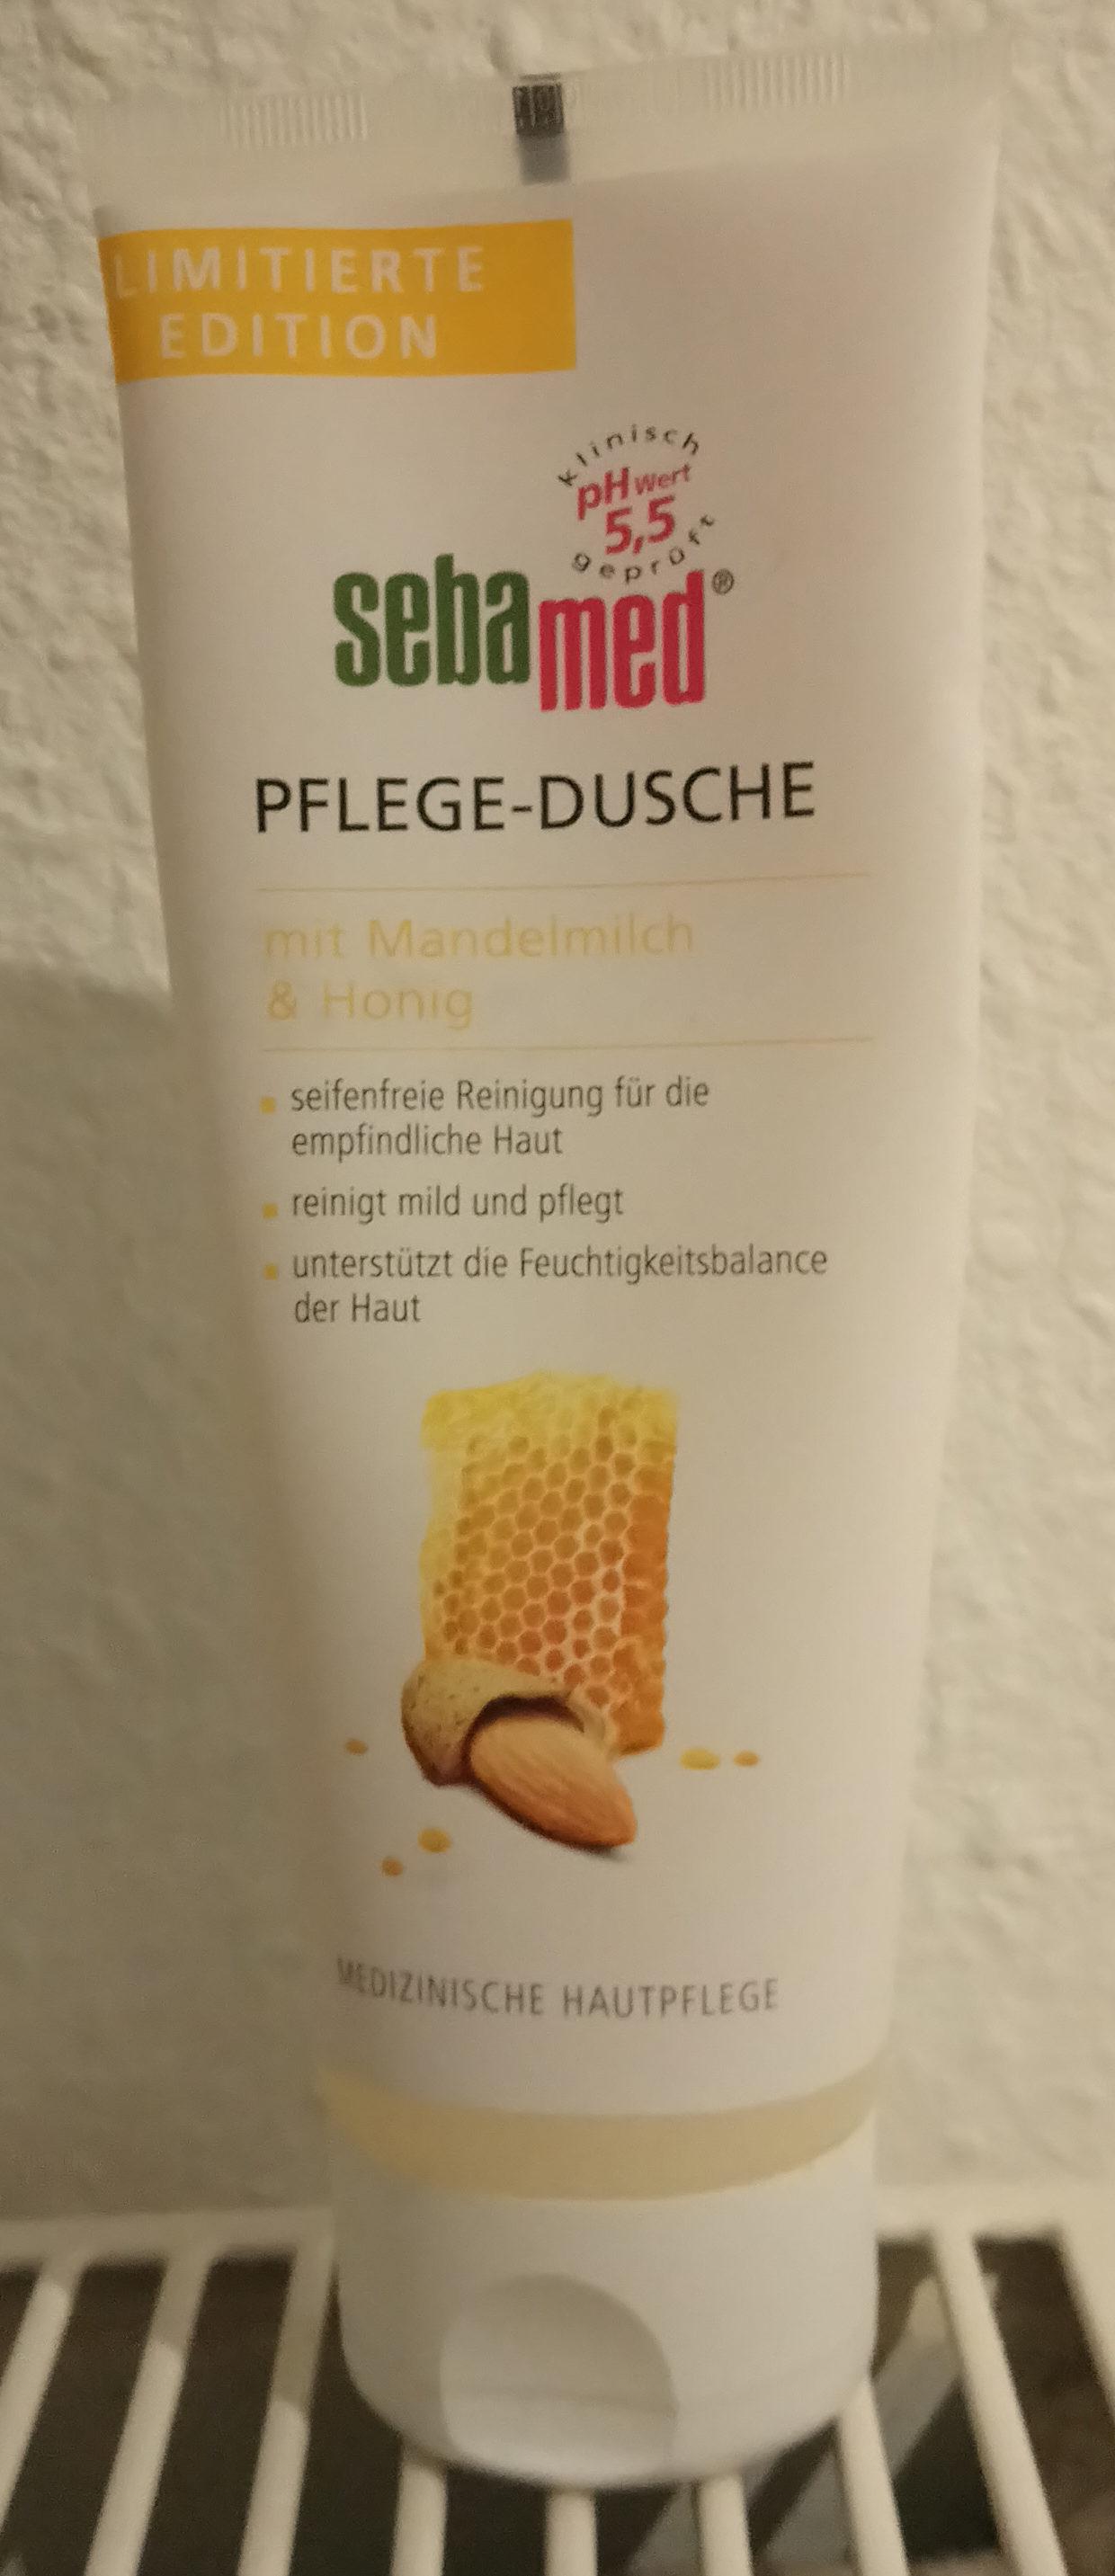 Pflege-Dusche - Product - de